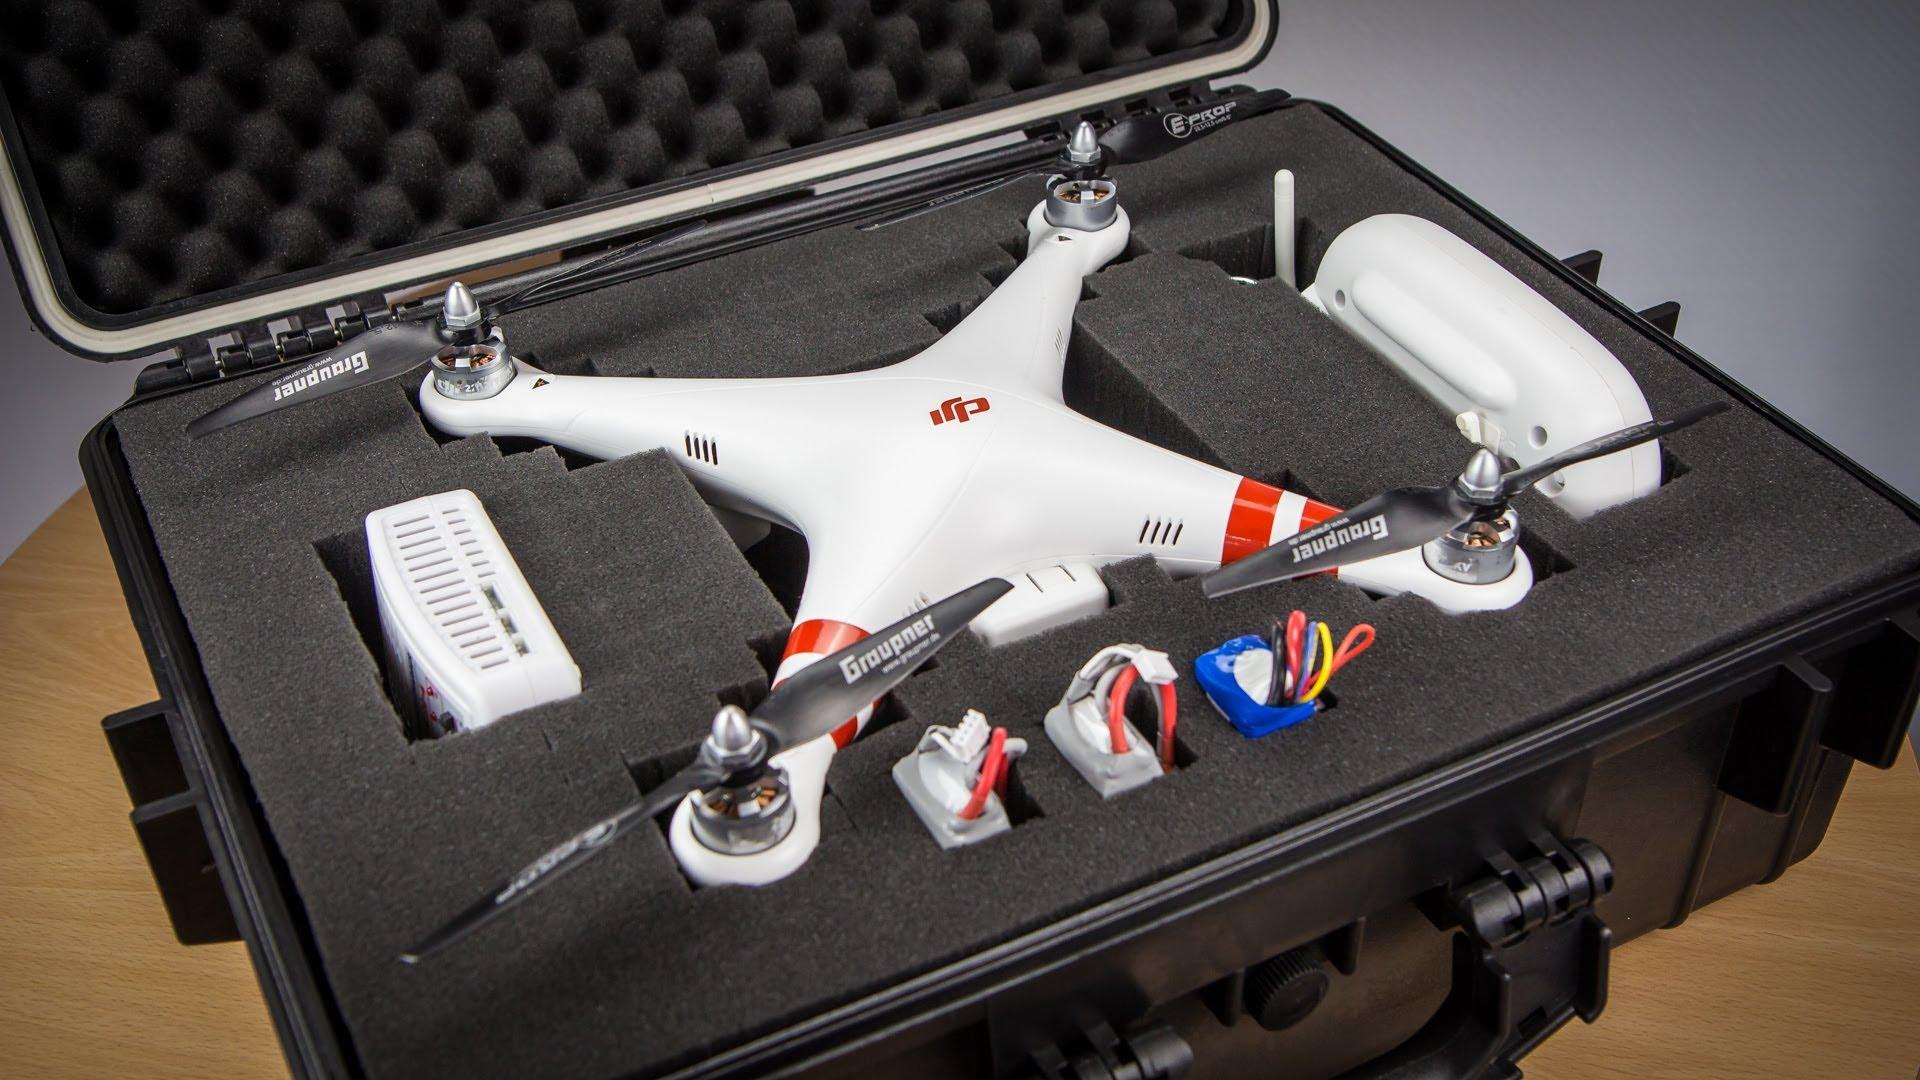 DJI drón értékesítés és javítás - Re-store